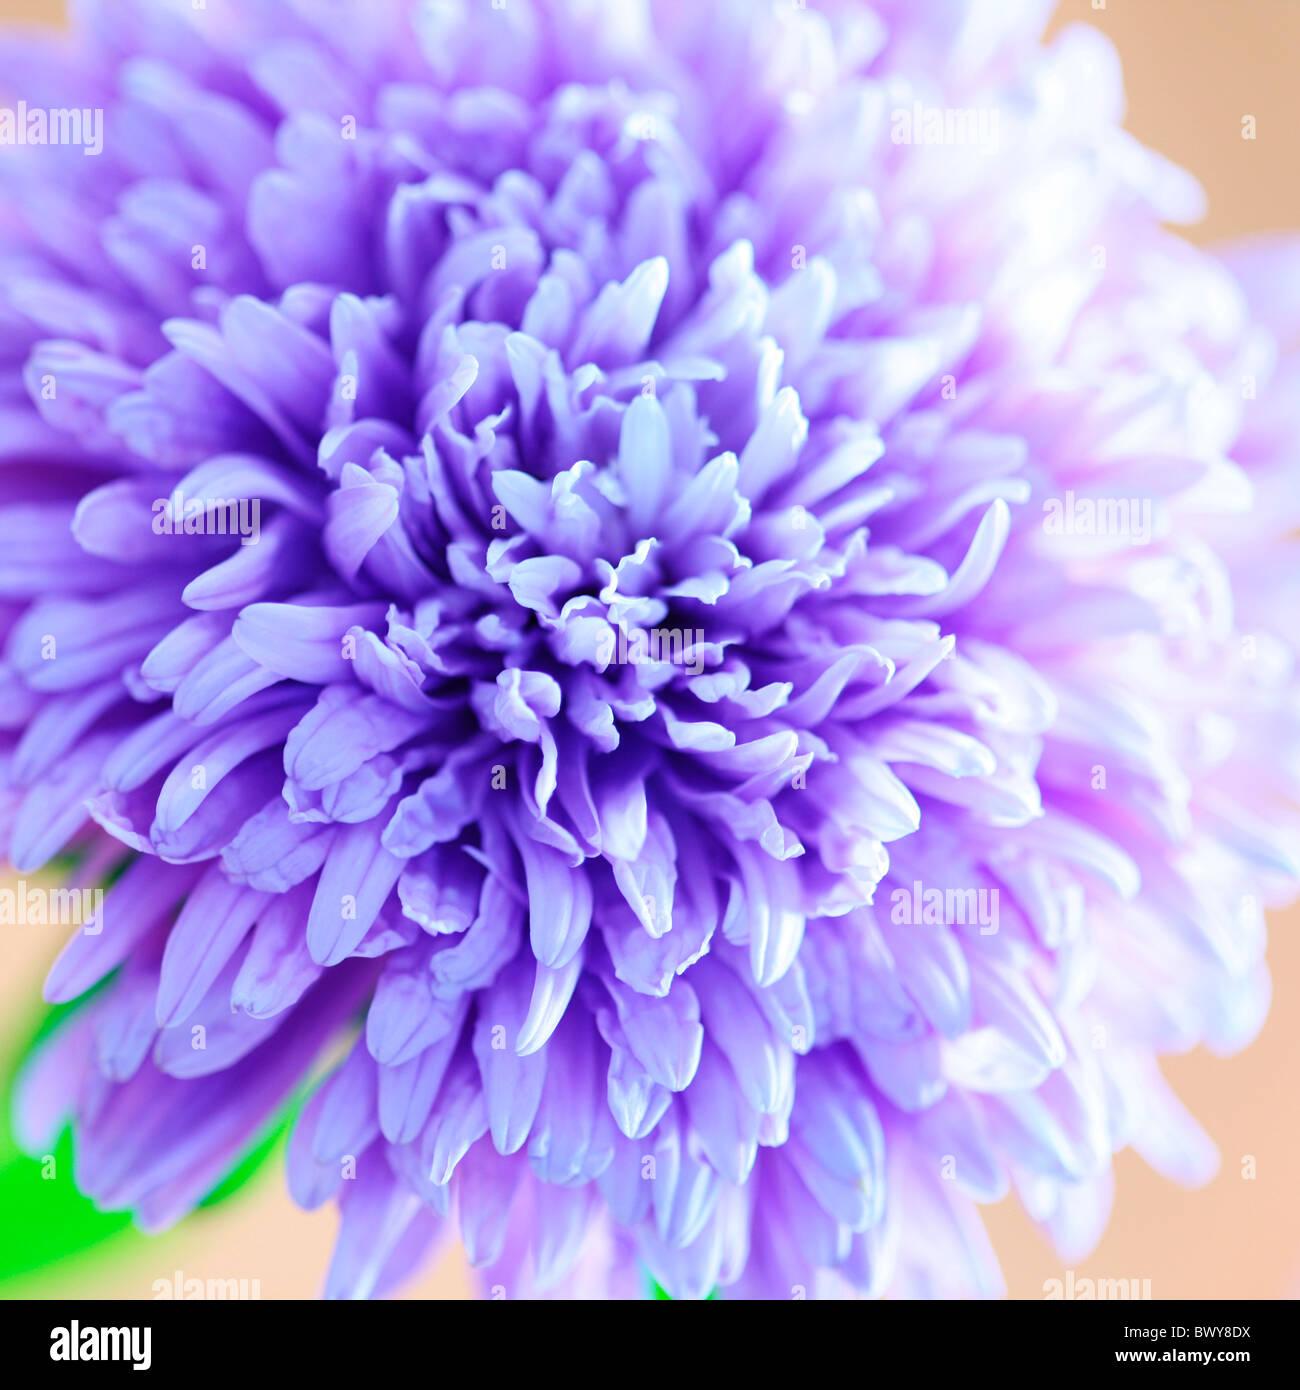 Precioso soft focus Azul lila aster en plena floración Jane-Ann Butler Fotografía JABP867 Imagen De Stock